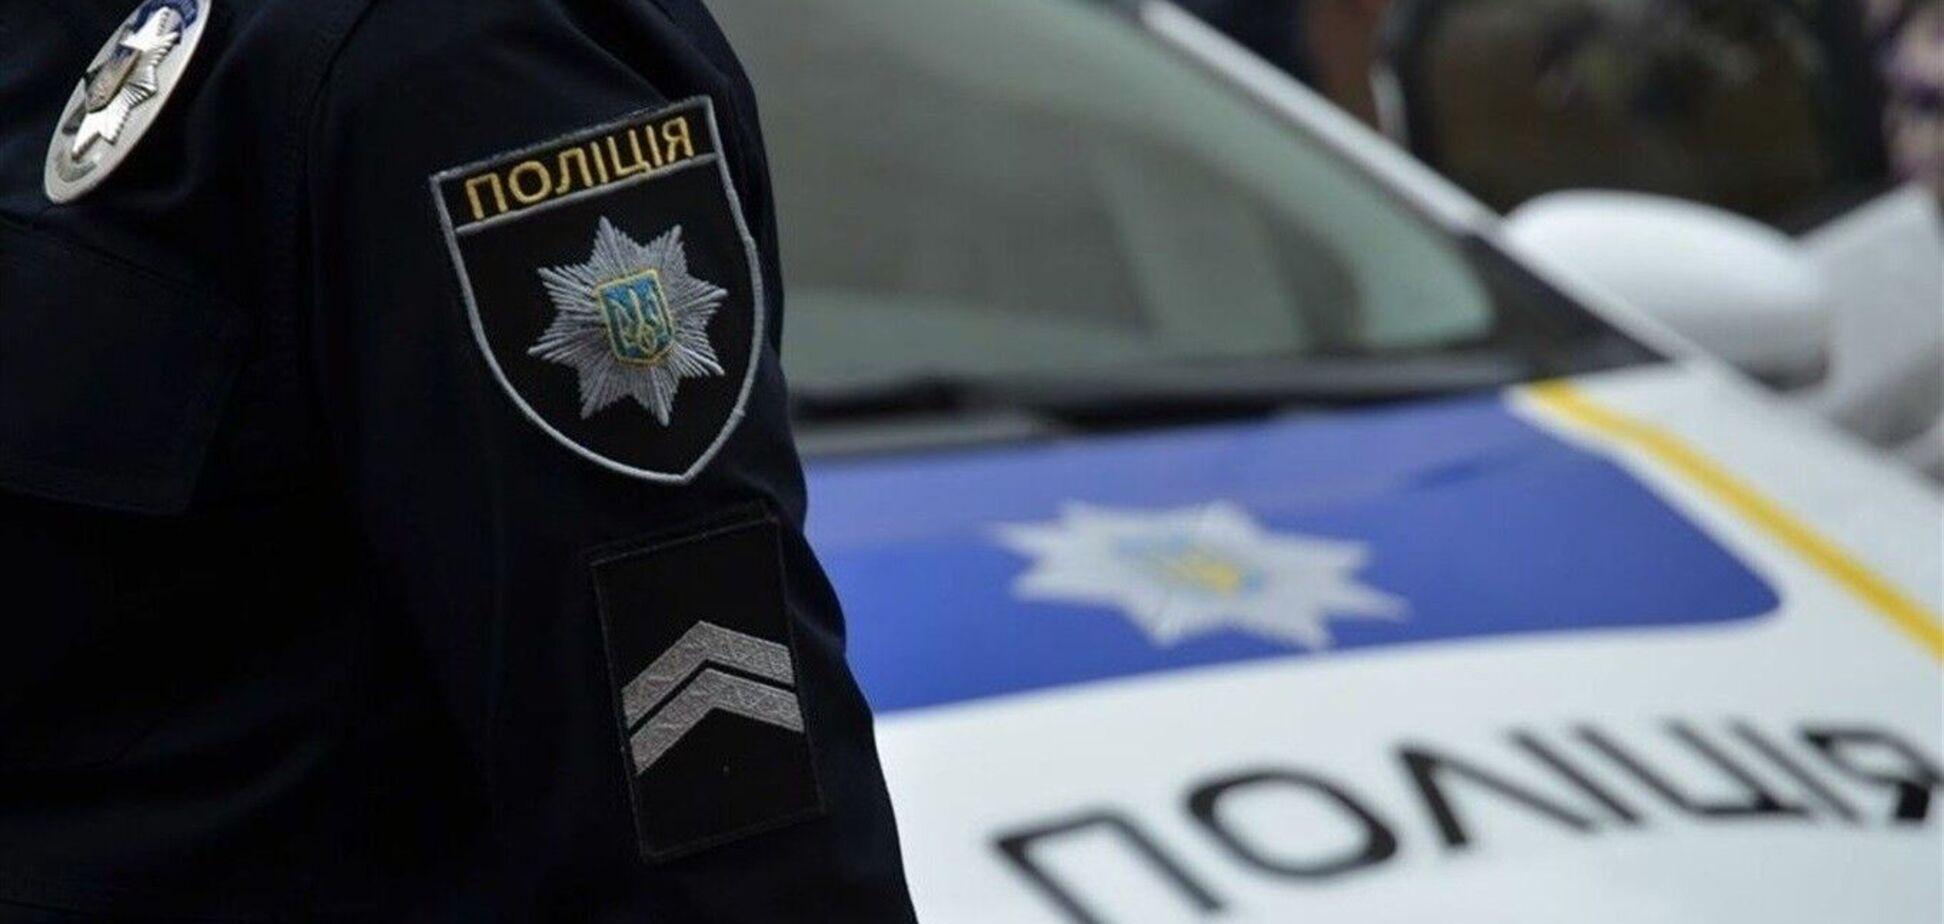 Поліція затримала лідера ОЗГ на Дніпропетровщині